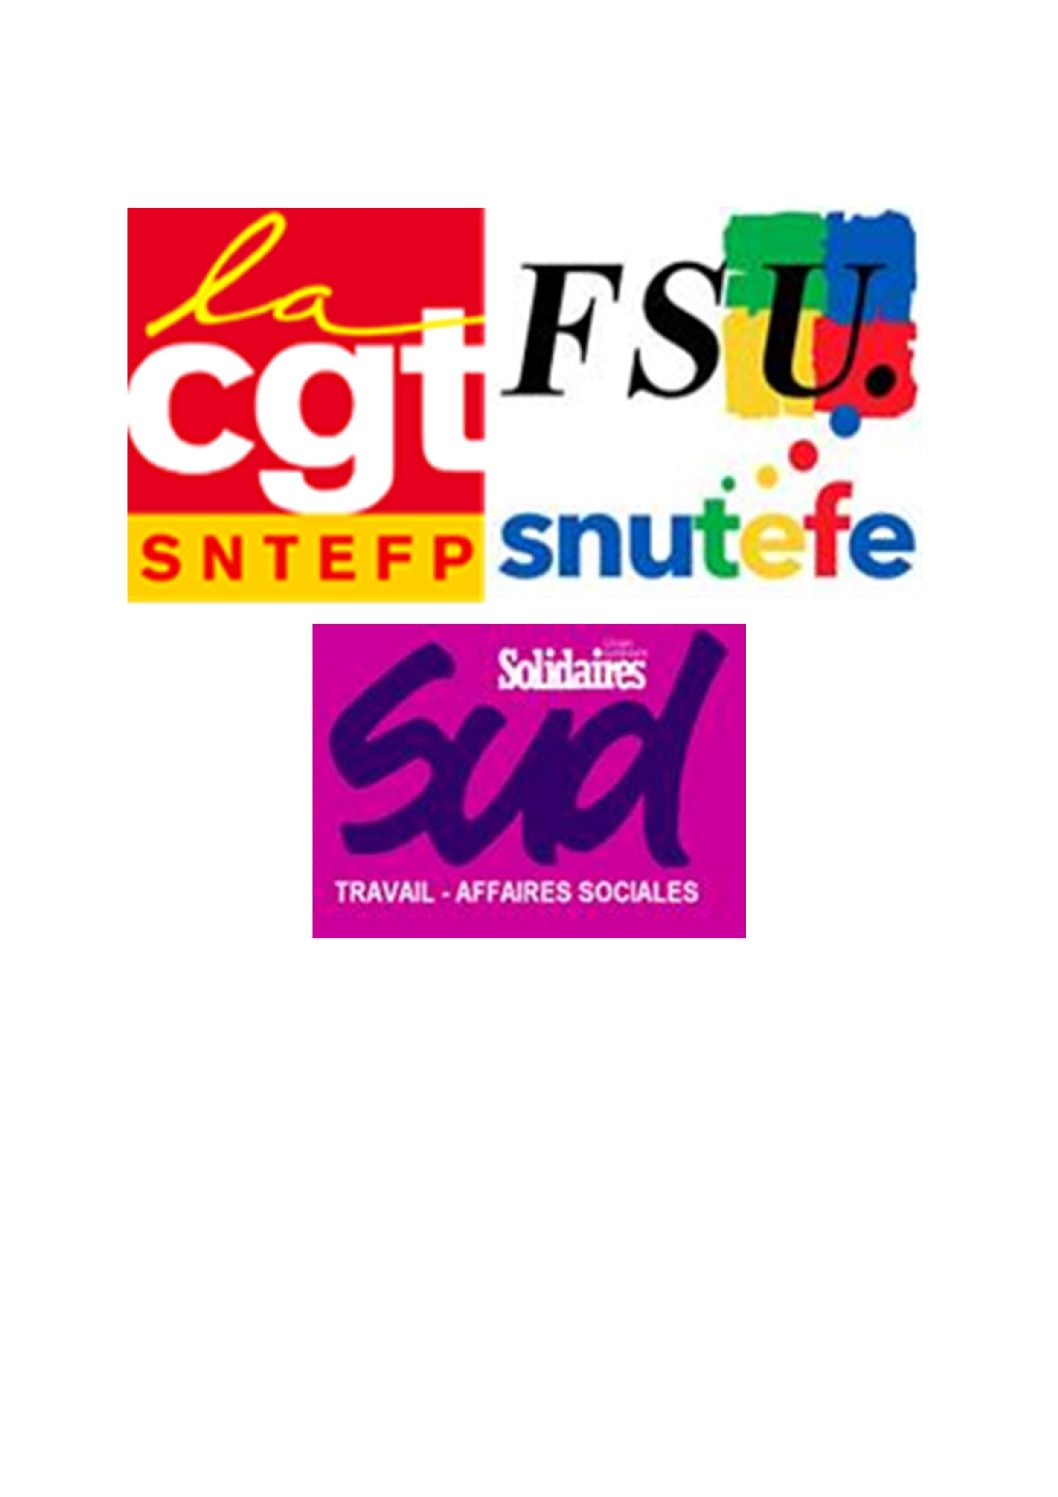 Les sujets inscrits à l'ordre du jour du CHSCTM méritent mieux qu'une réunion marathon !